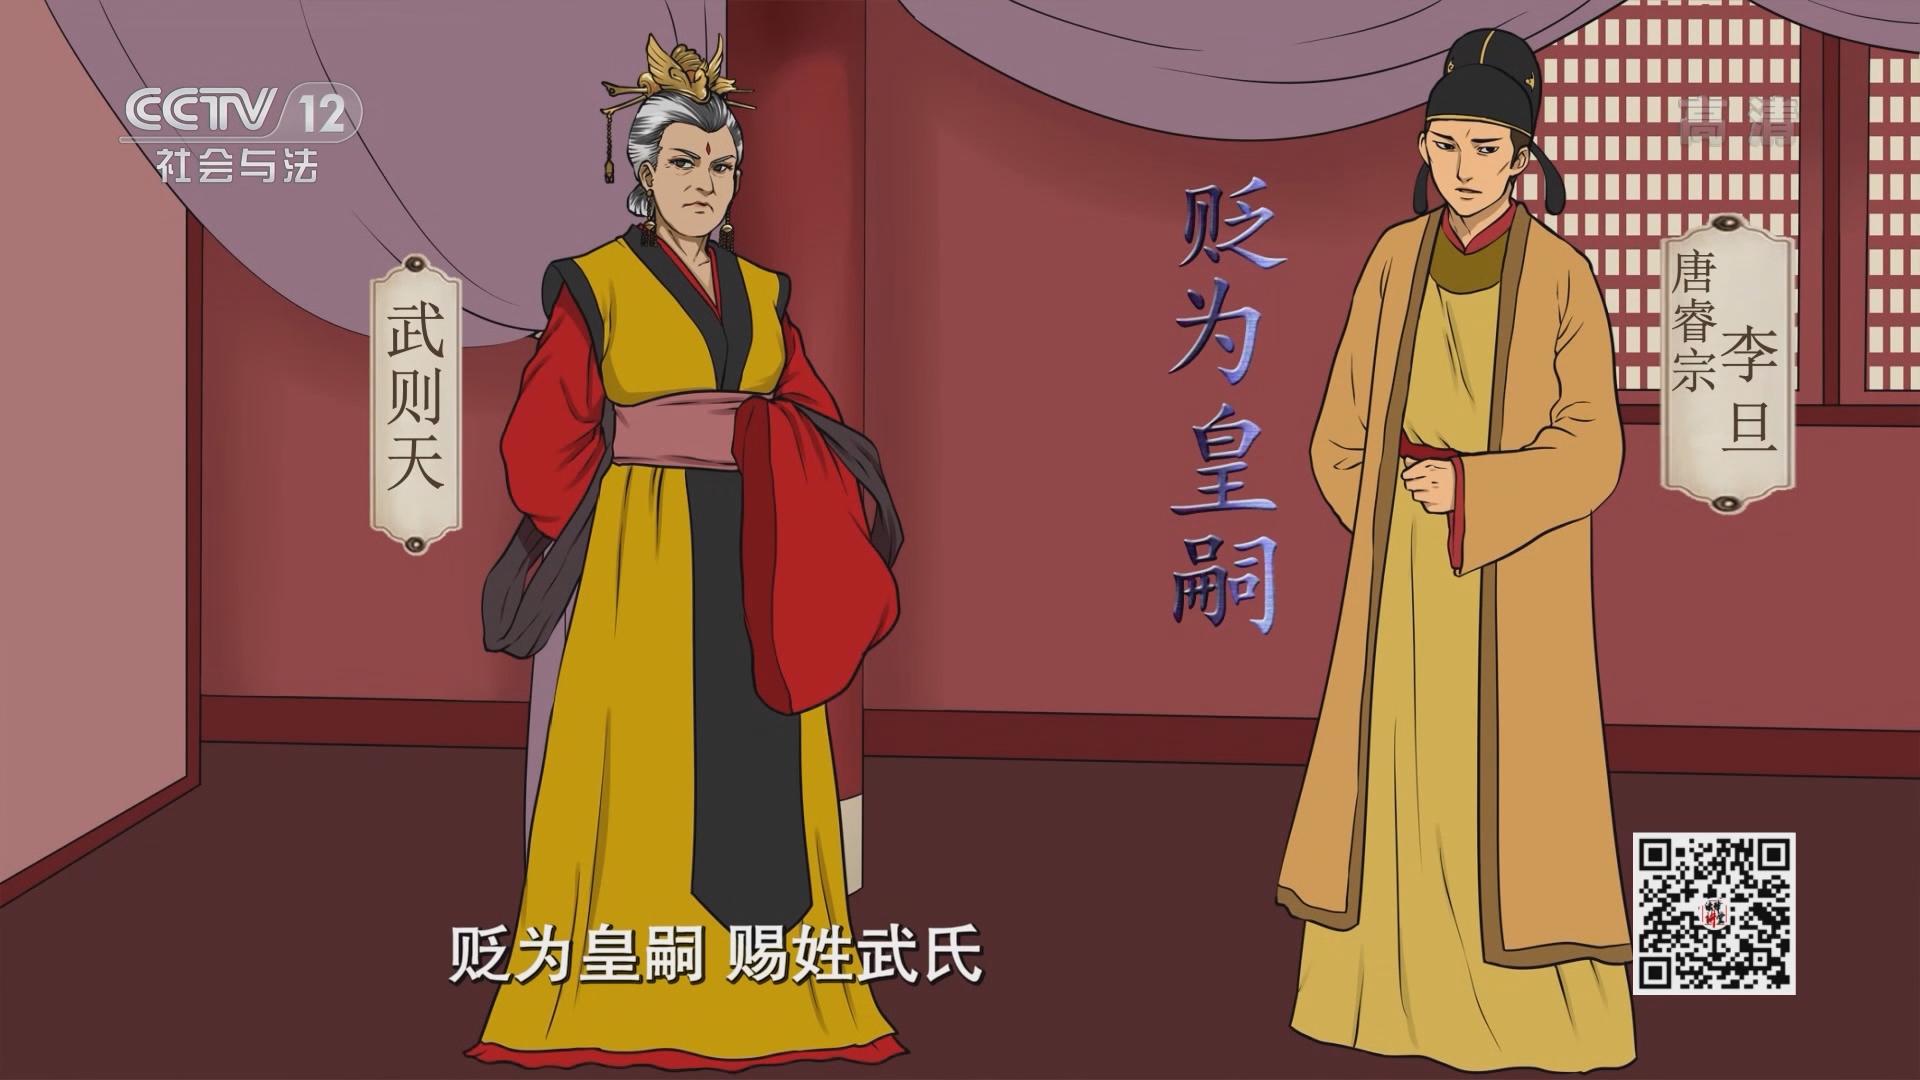 《法律讲堂(文史版)》 20211014 大唐司法官徐有功(4)以死护法